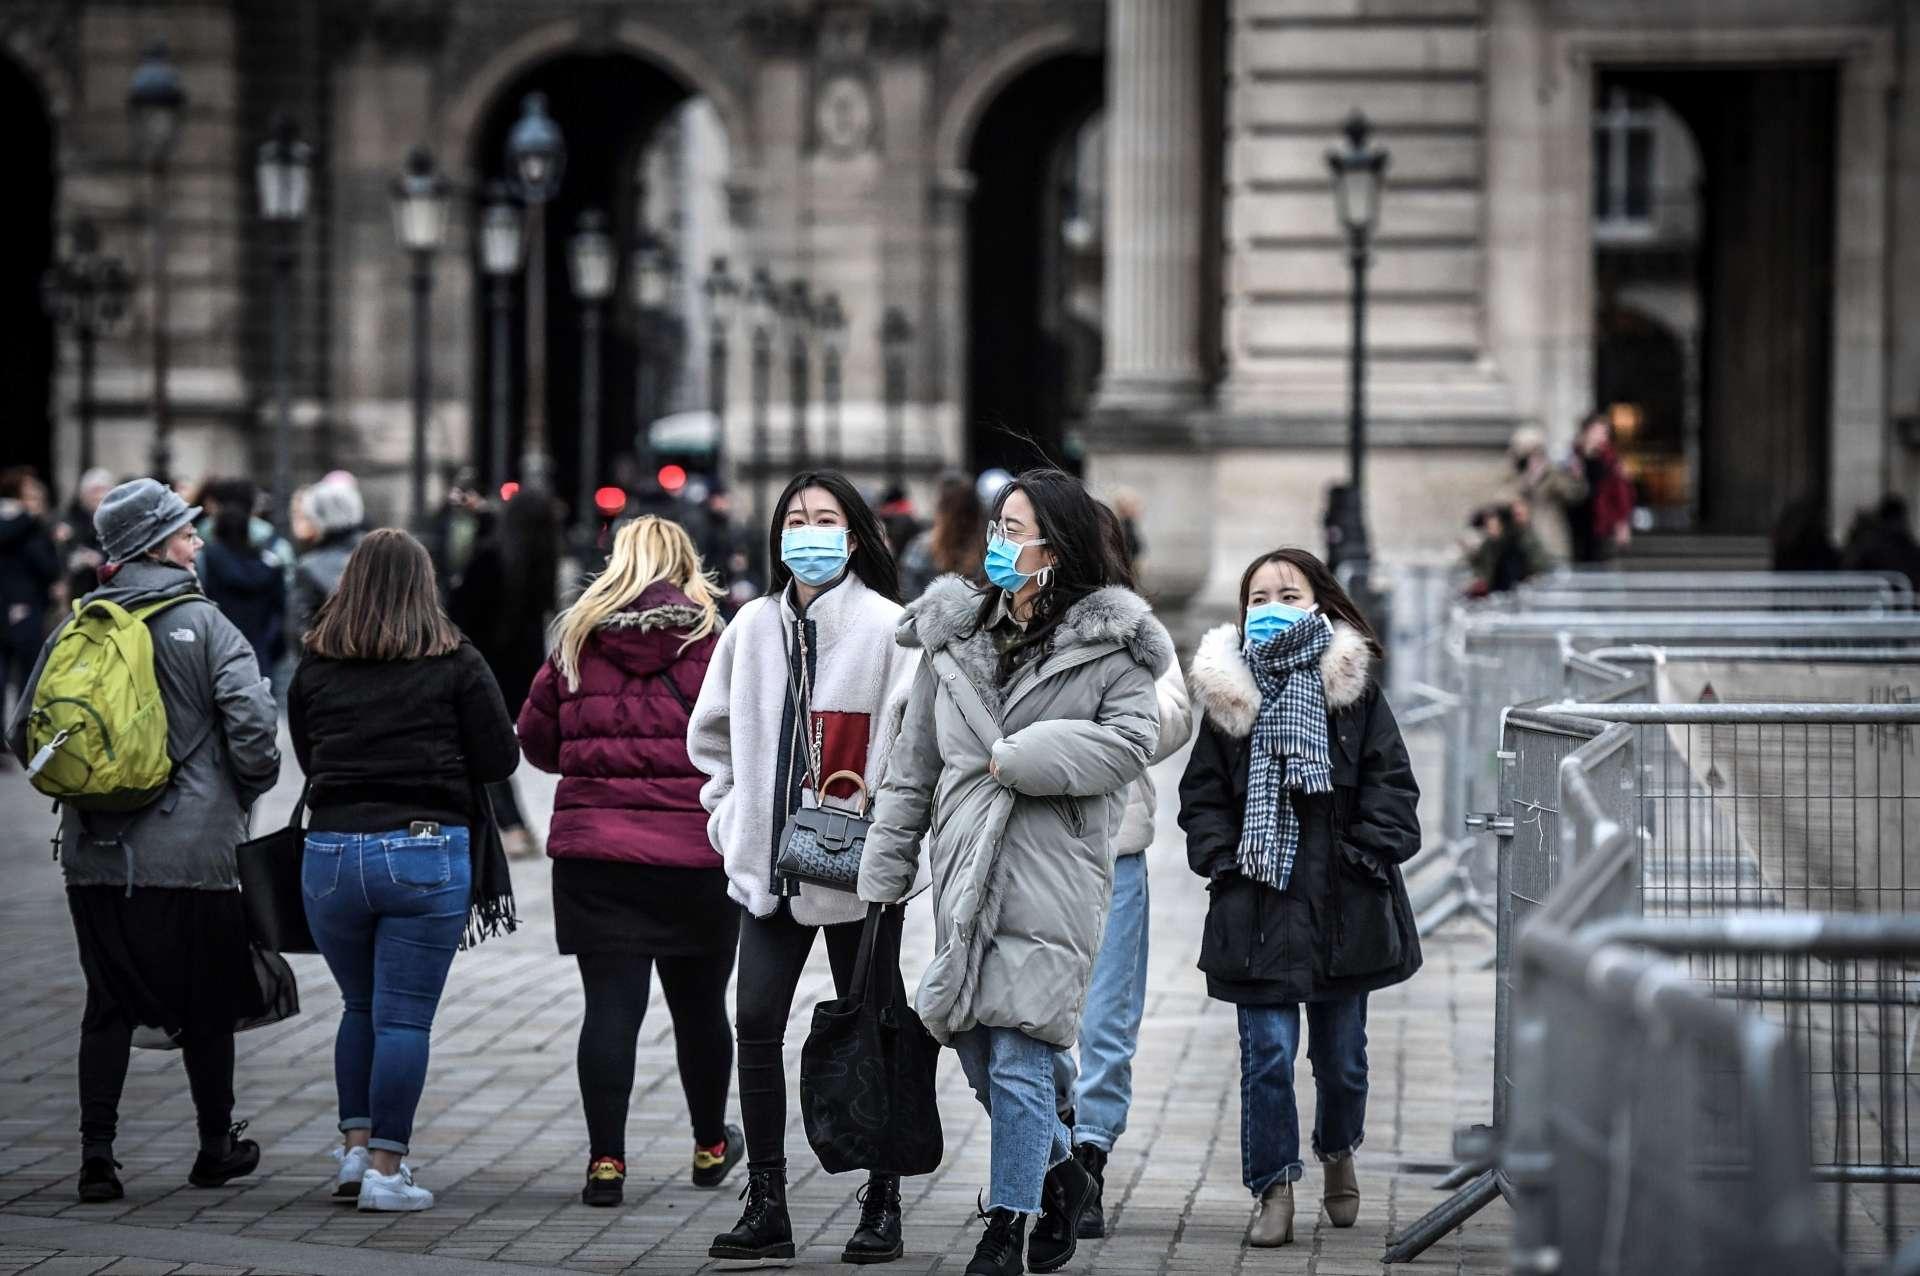 Le nouveau coronavirus inquiète près de deux-tiers des Français, davantage que d'autres épidémies comme la grippe A/H1N1 de 2009 ou Ebola. © Stéphane de Sakutin, AFP